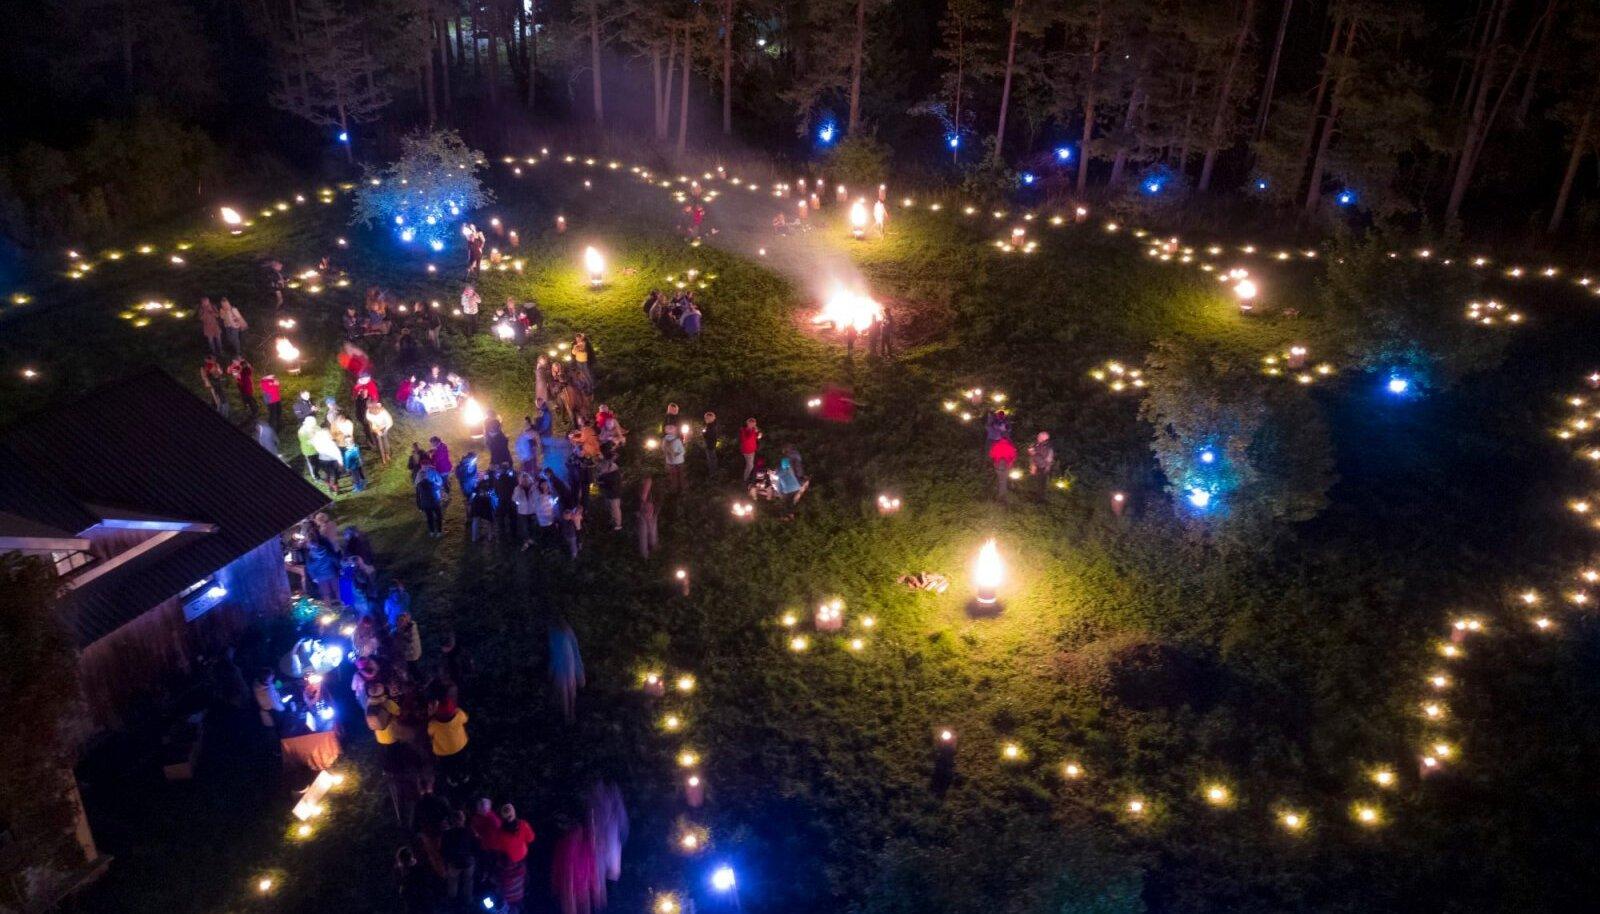 Eelmise aasta Porikuu festivali avaüritus - Valgusrännak Turbast Ellamaale